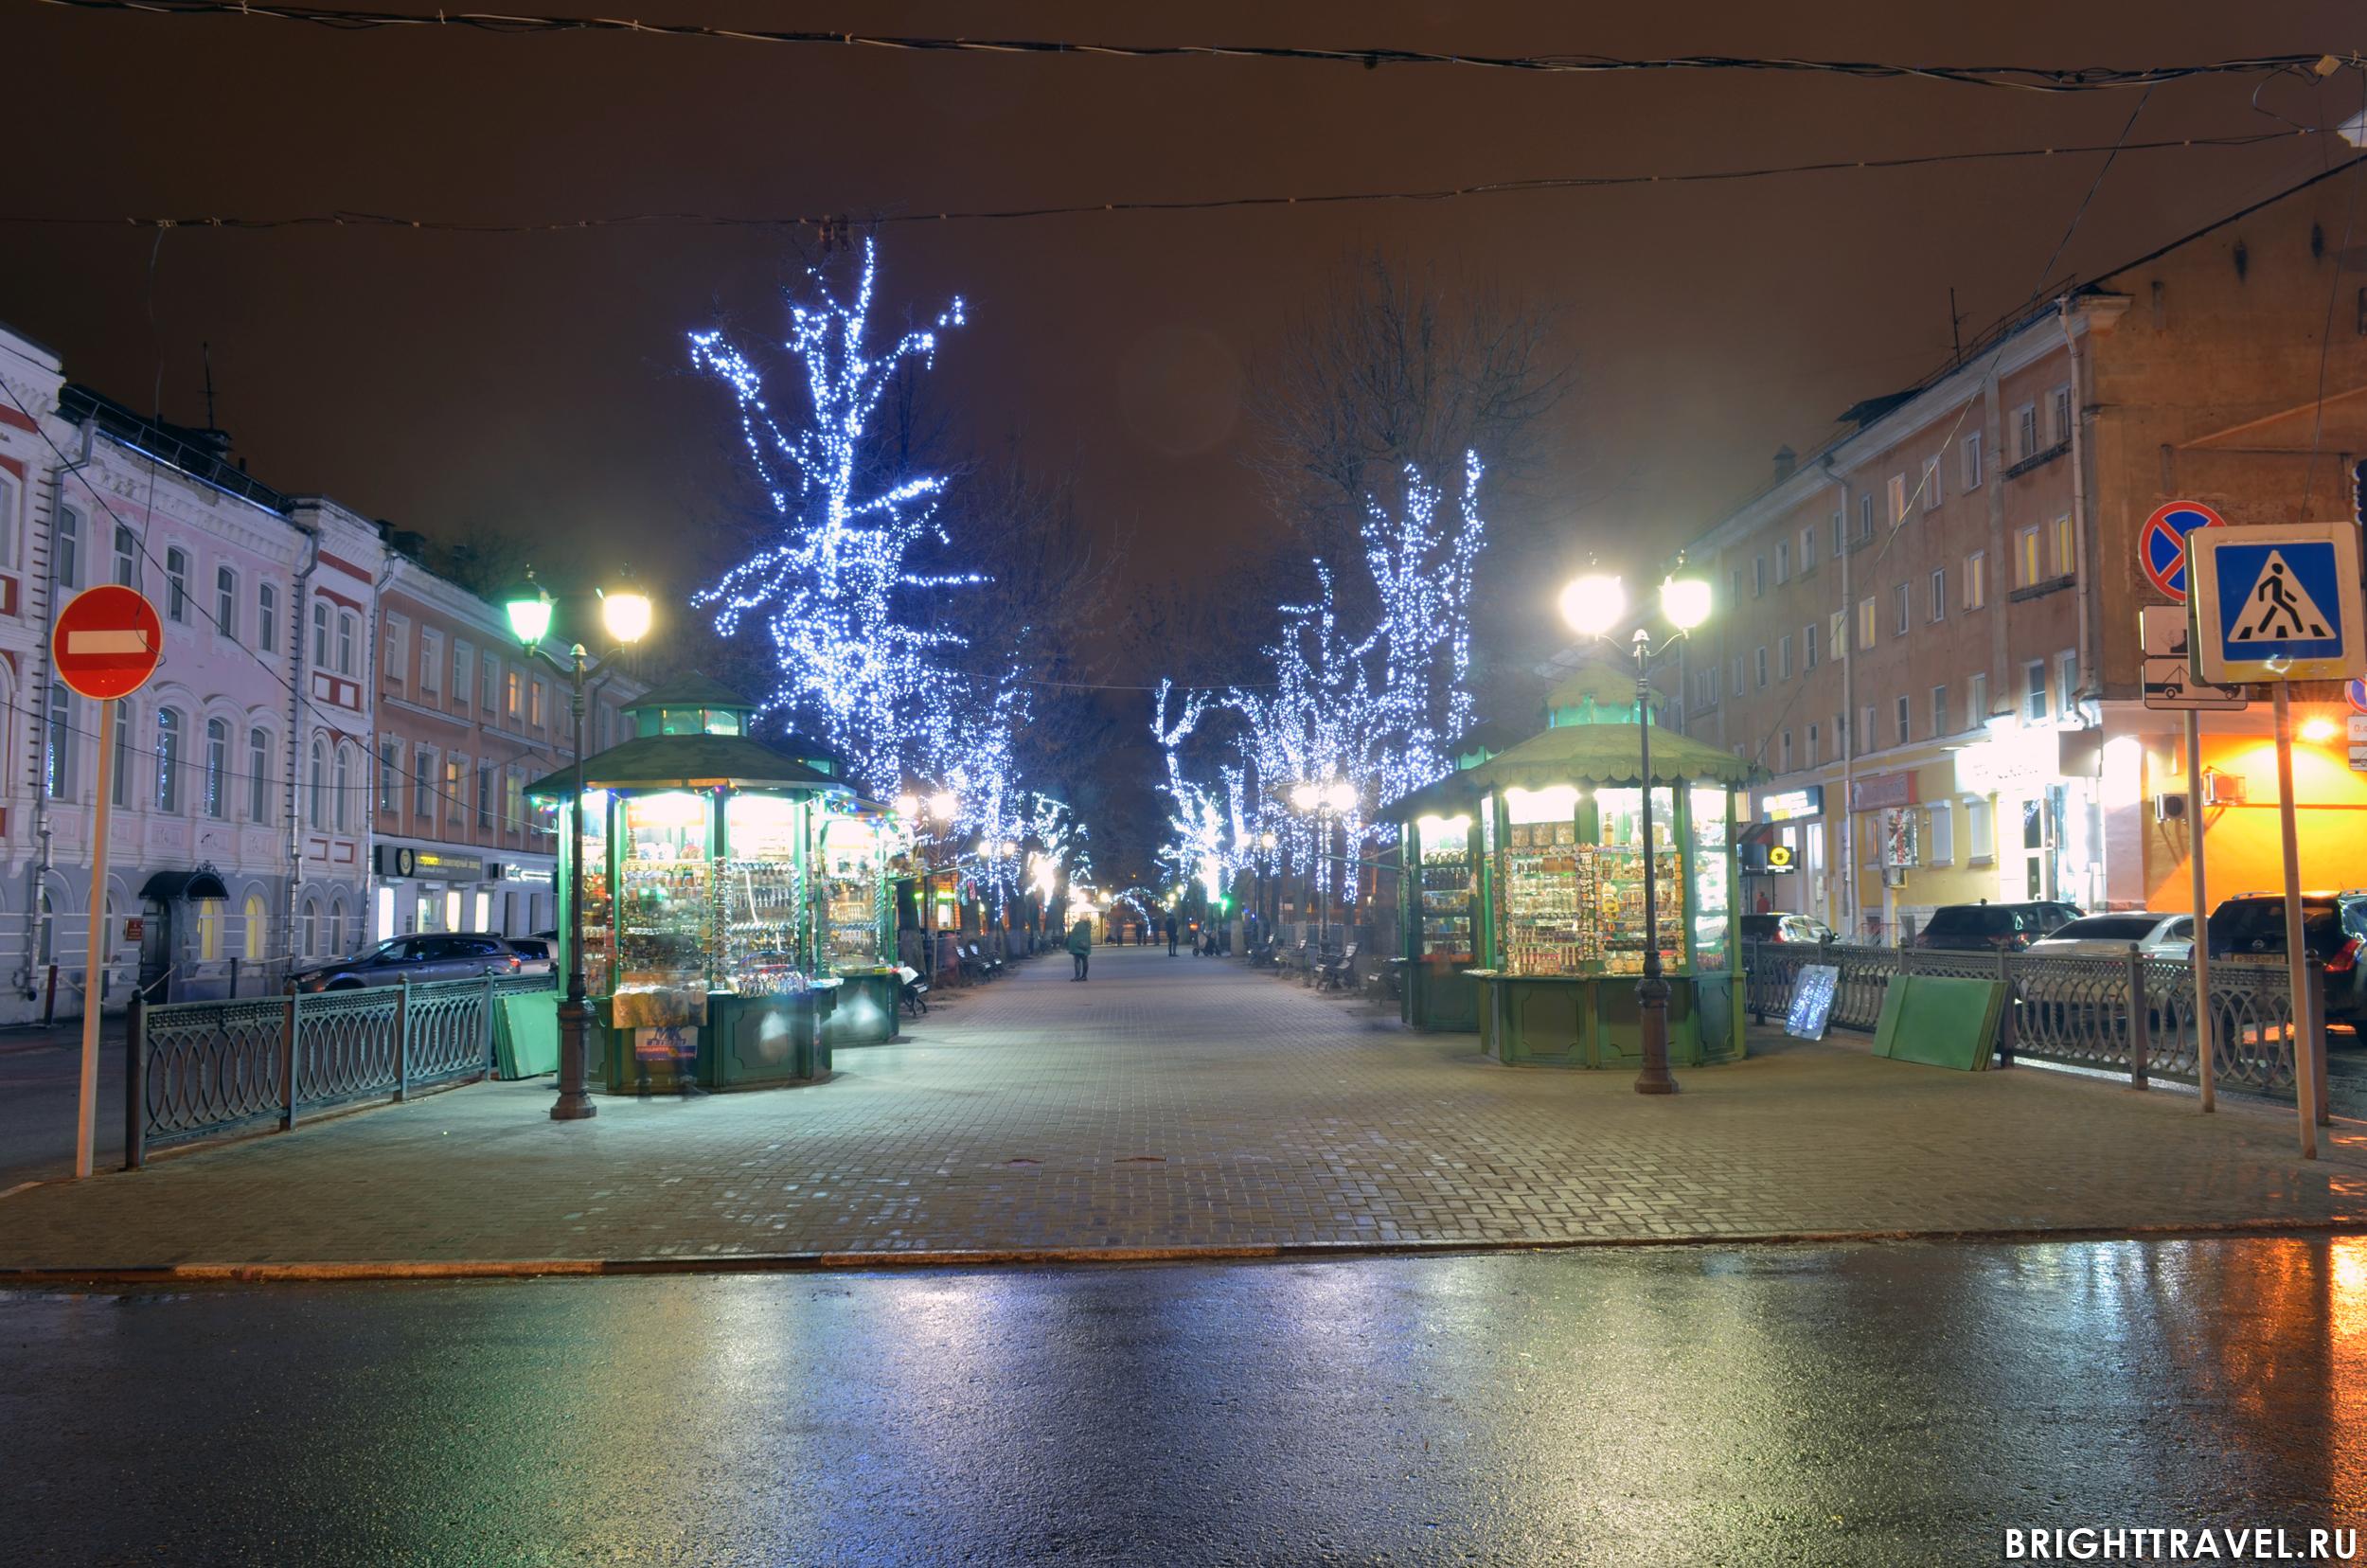 Вечернее фото - бульвар Радищева в Твери